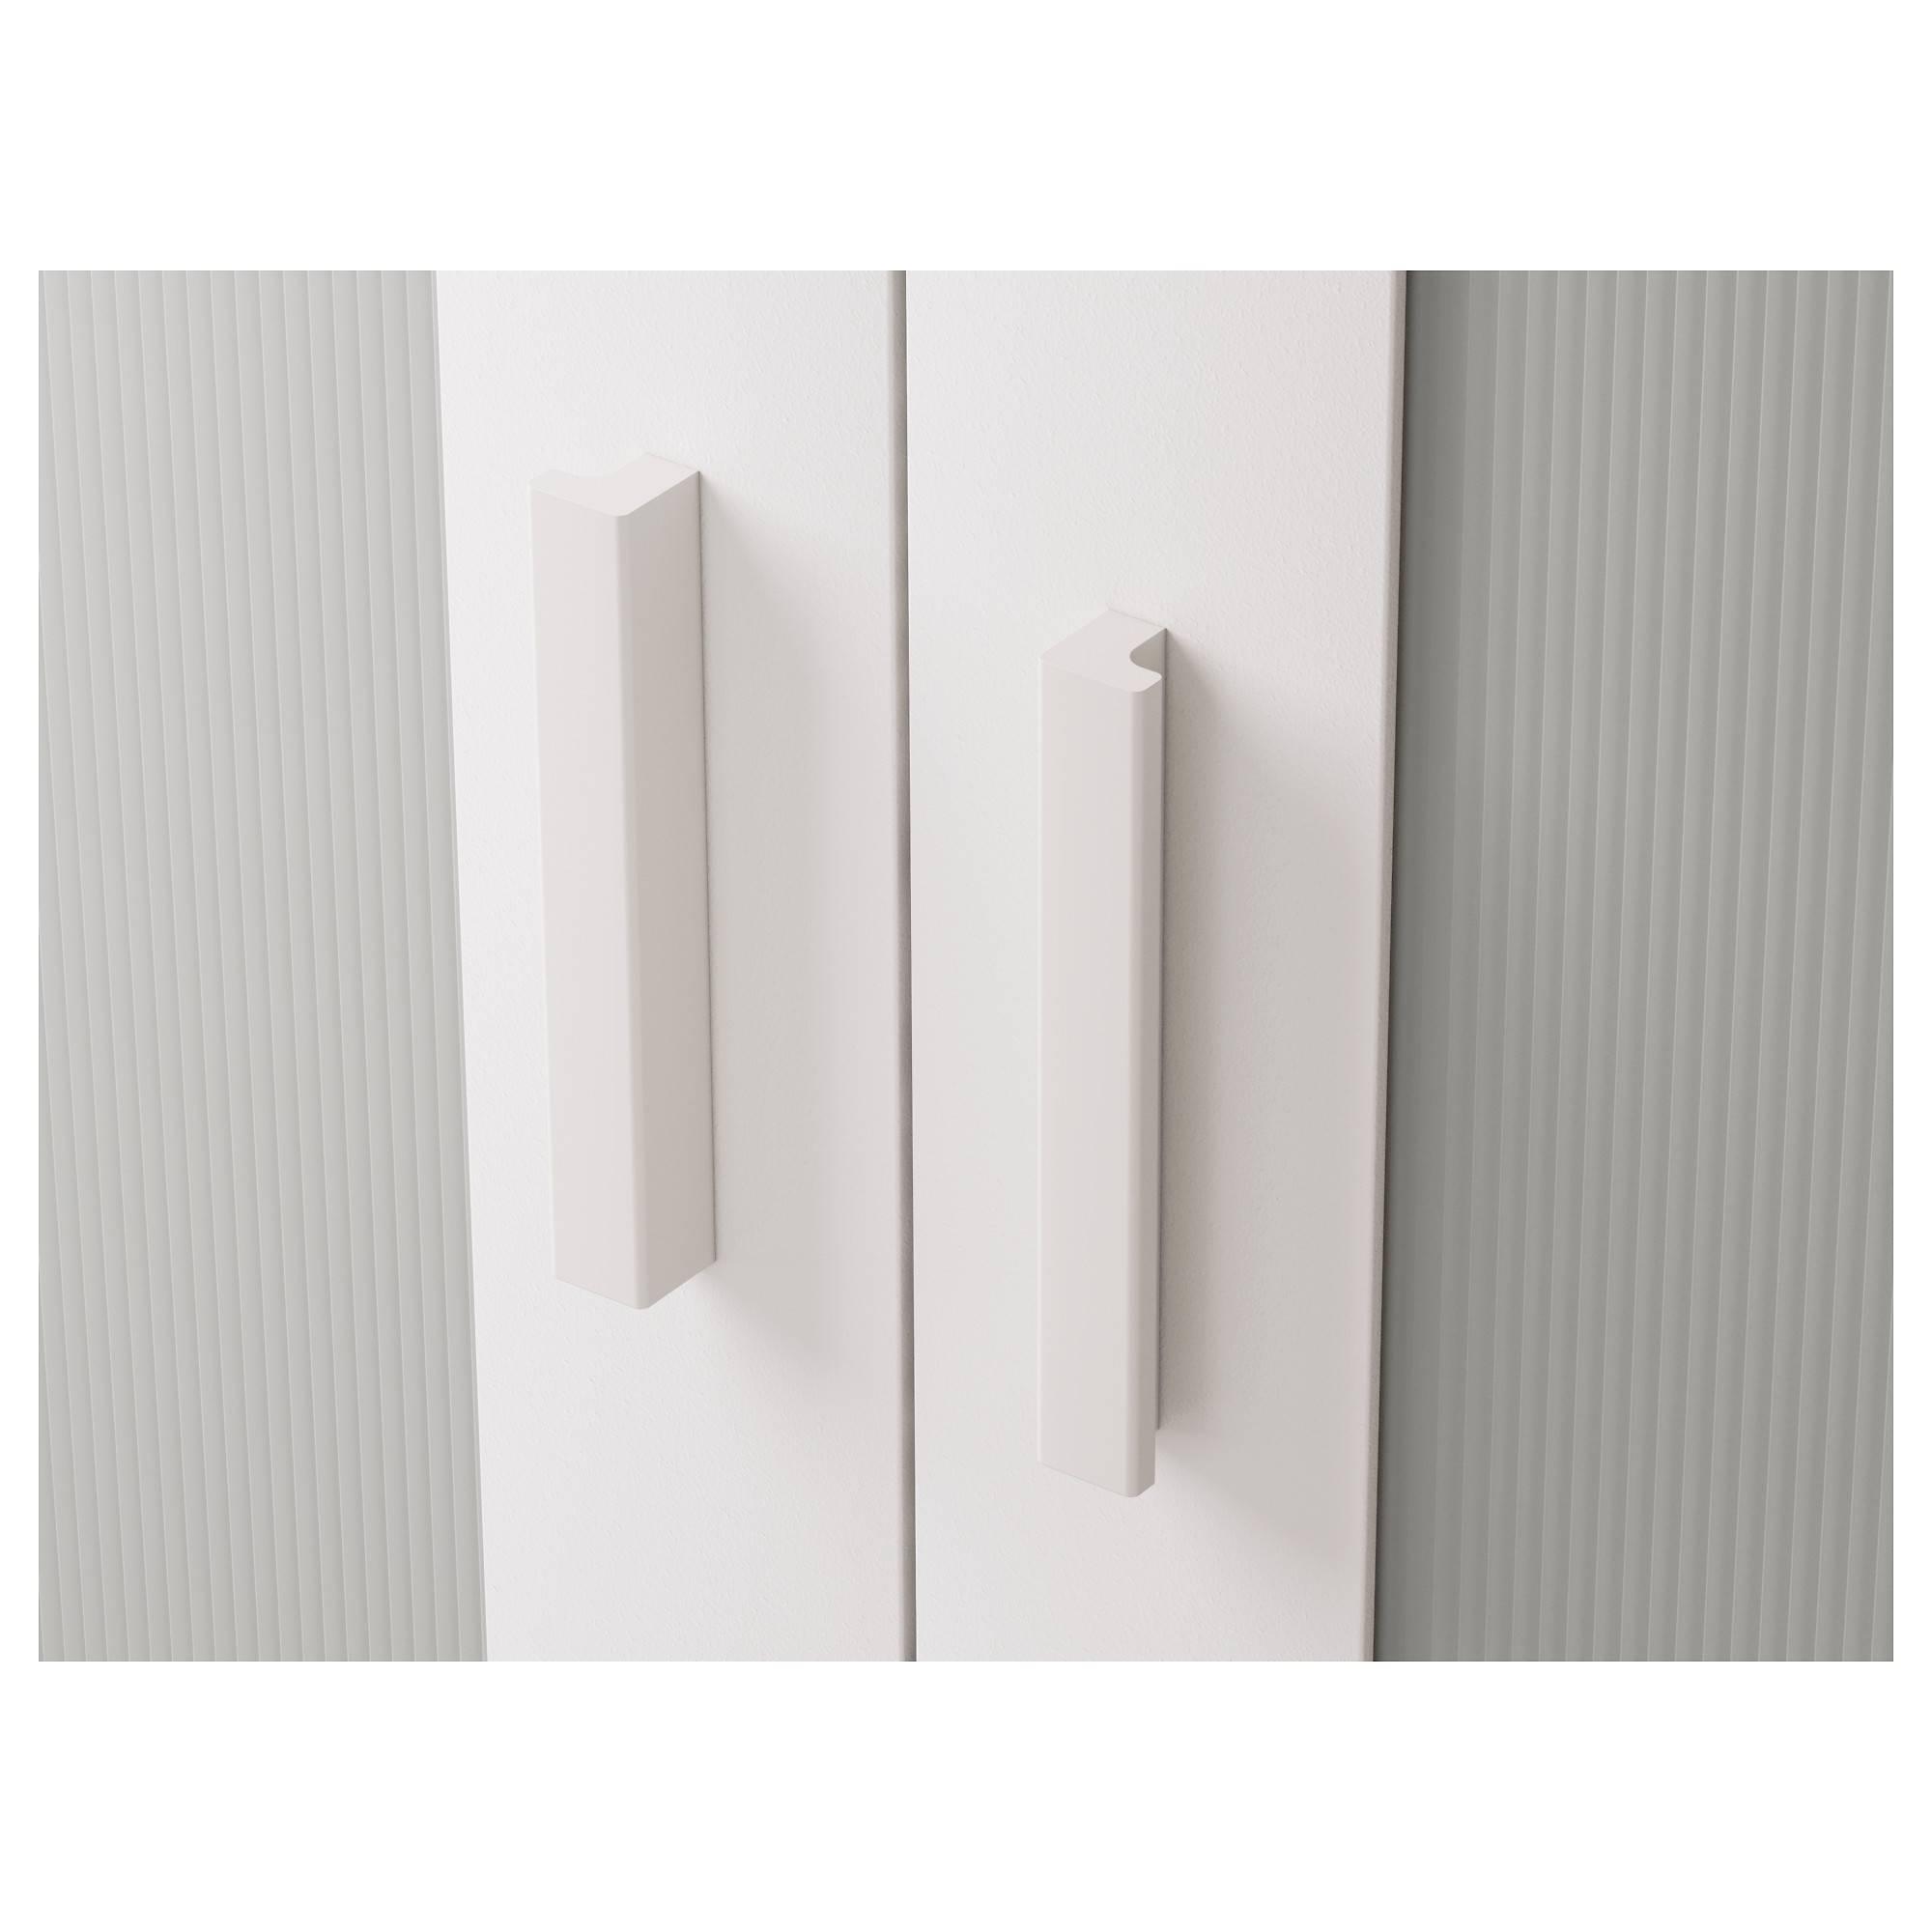 Aneboda Wardrobe White 81X180 Cm - Ikea within Double Rail White Wardrobes (Image 2 of 21)